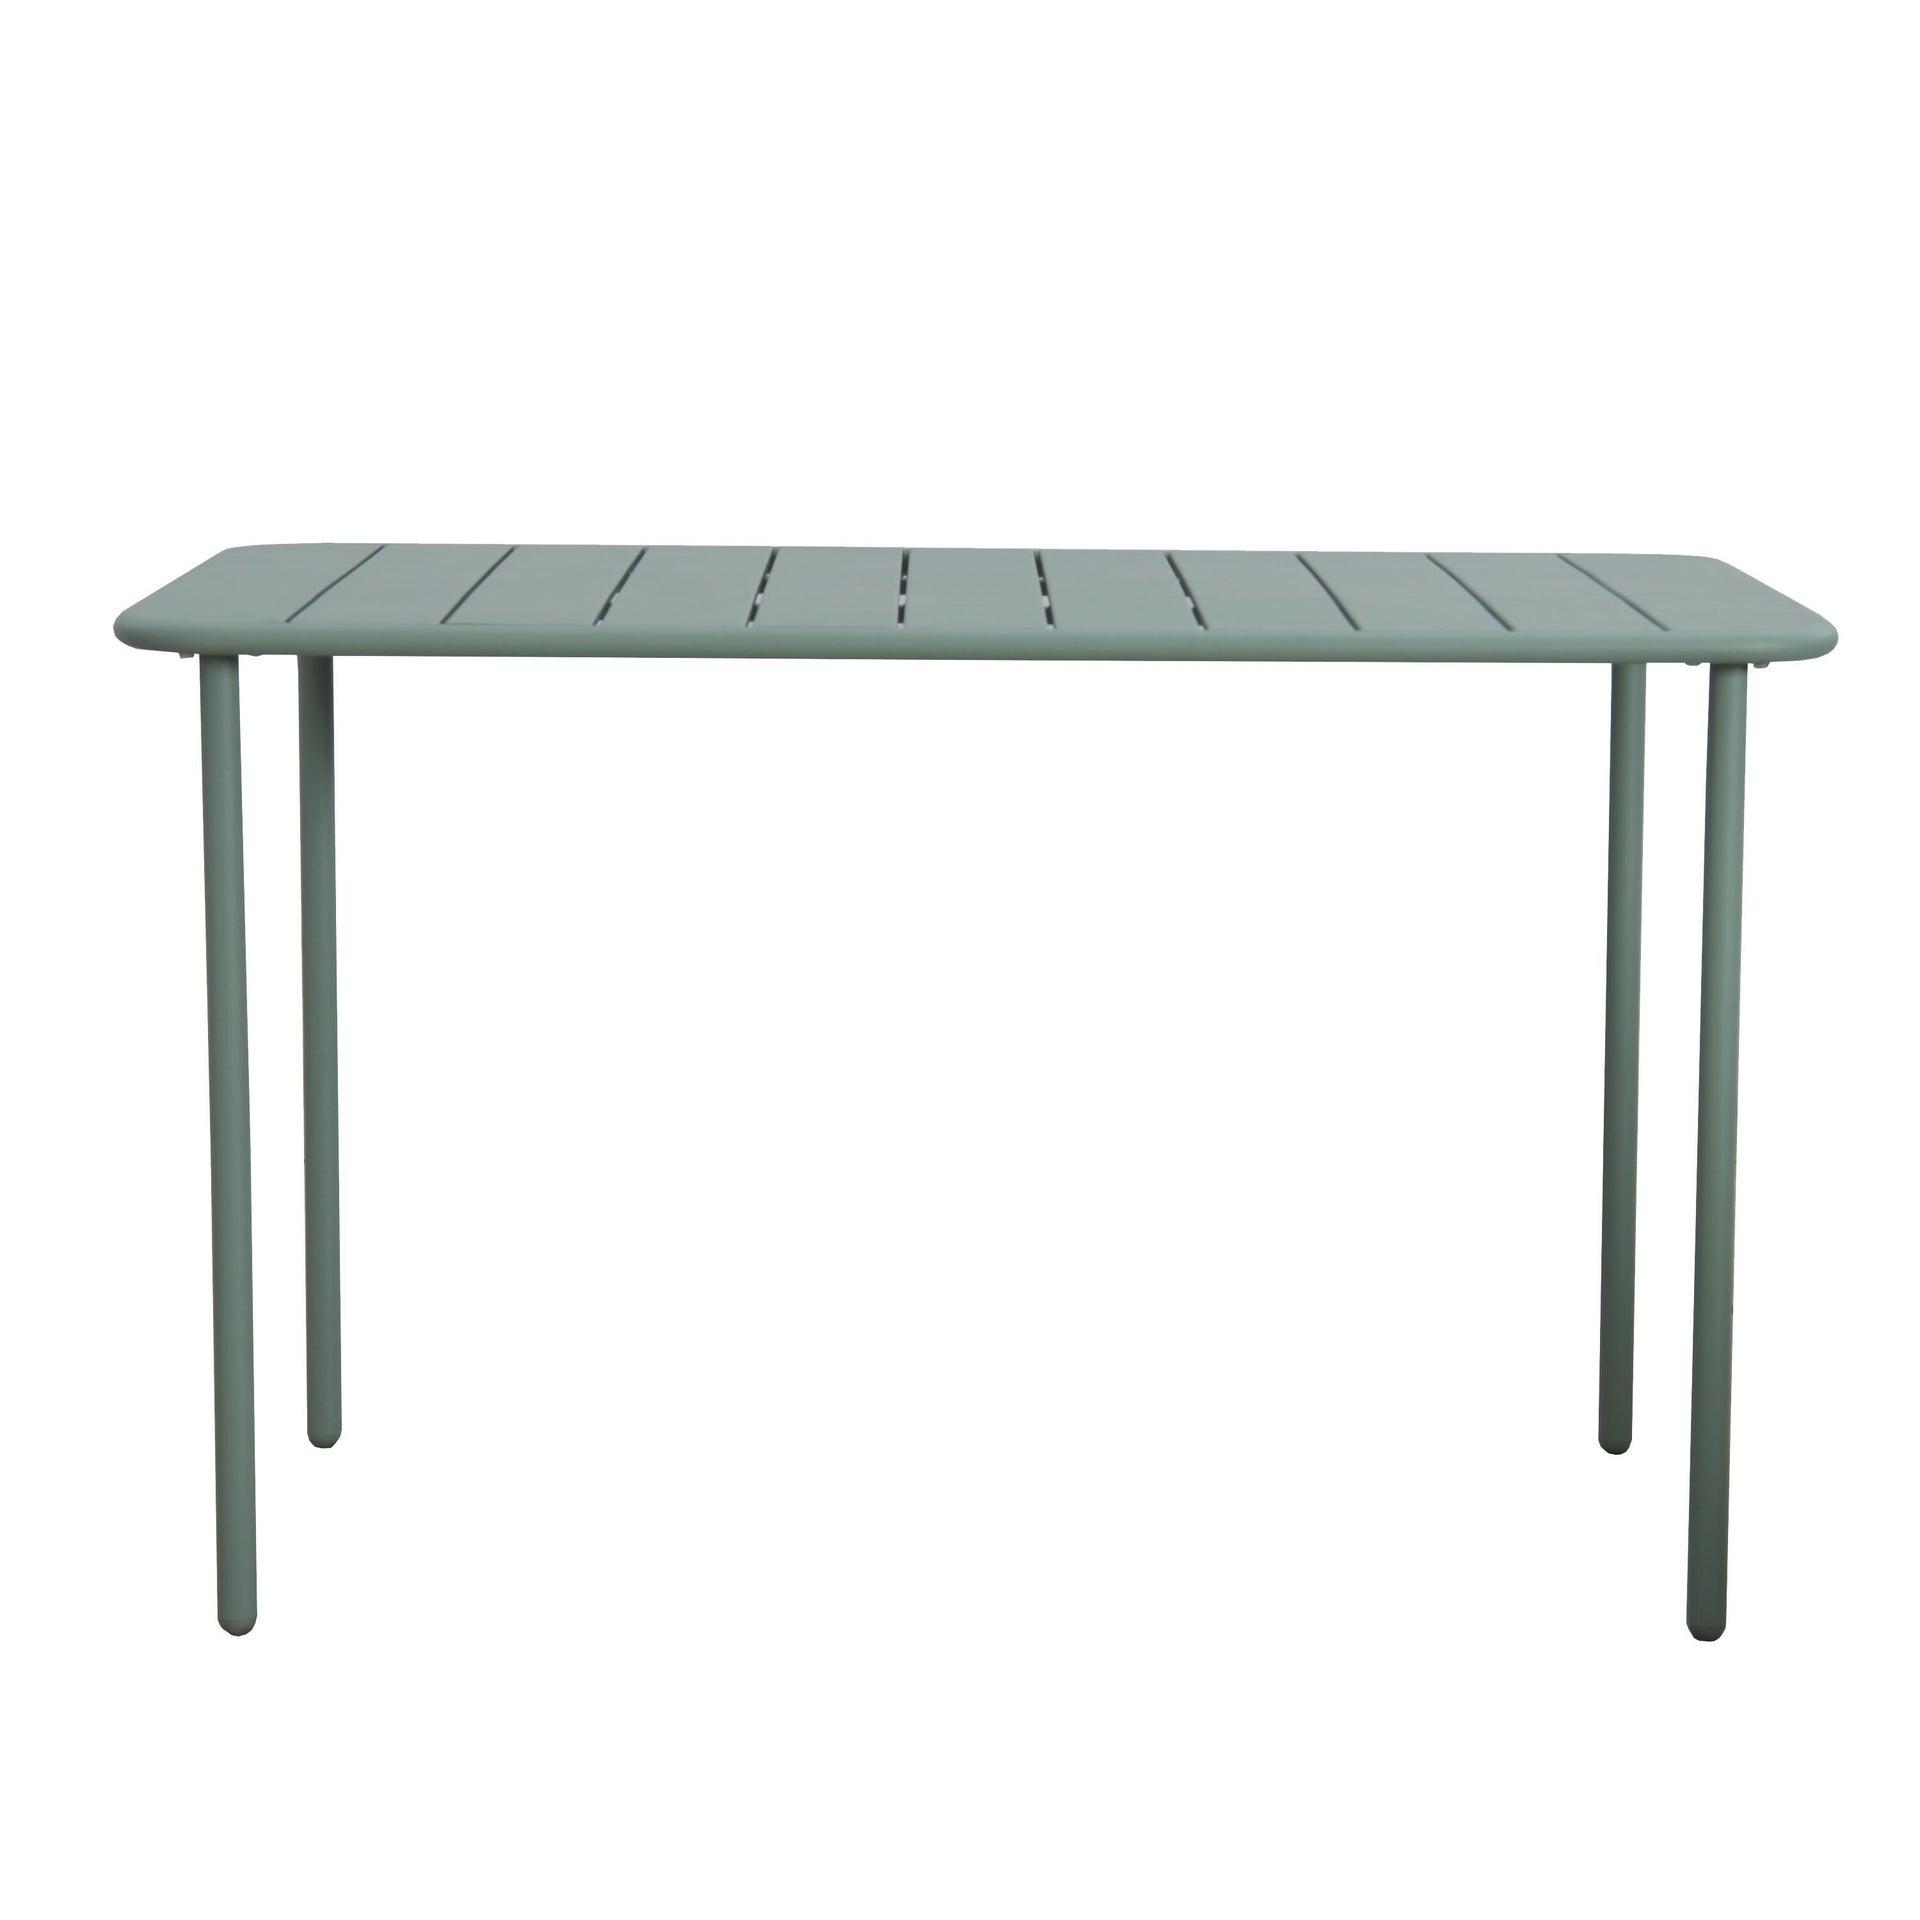 Tavolo da giardino rettangolare Cafe con piano in metallo L 70 x P 120 cm - 9